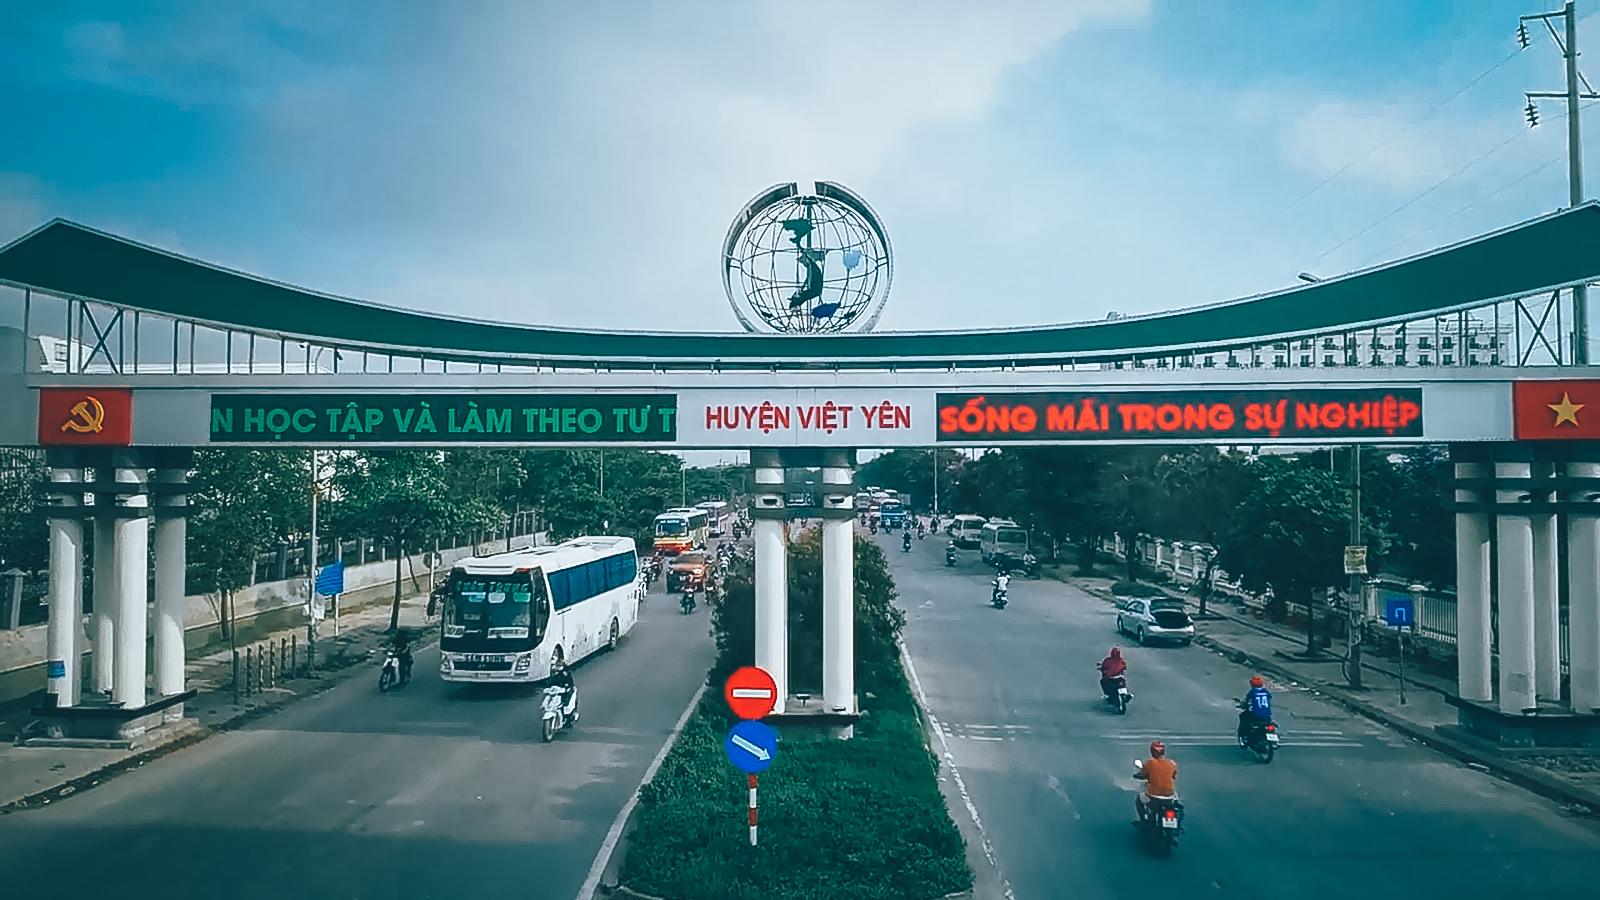 Bắc Giang tìm nhà đầu tư dự án khu NƠXH dành cho công nhân xã Quang Châu, huyện Việt Yên - Ảnh 1.